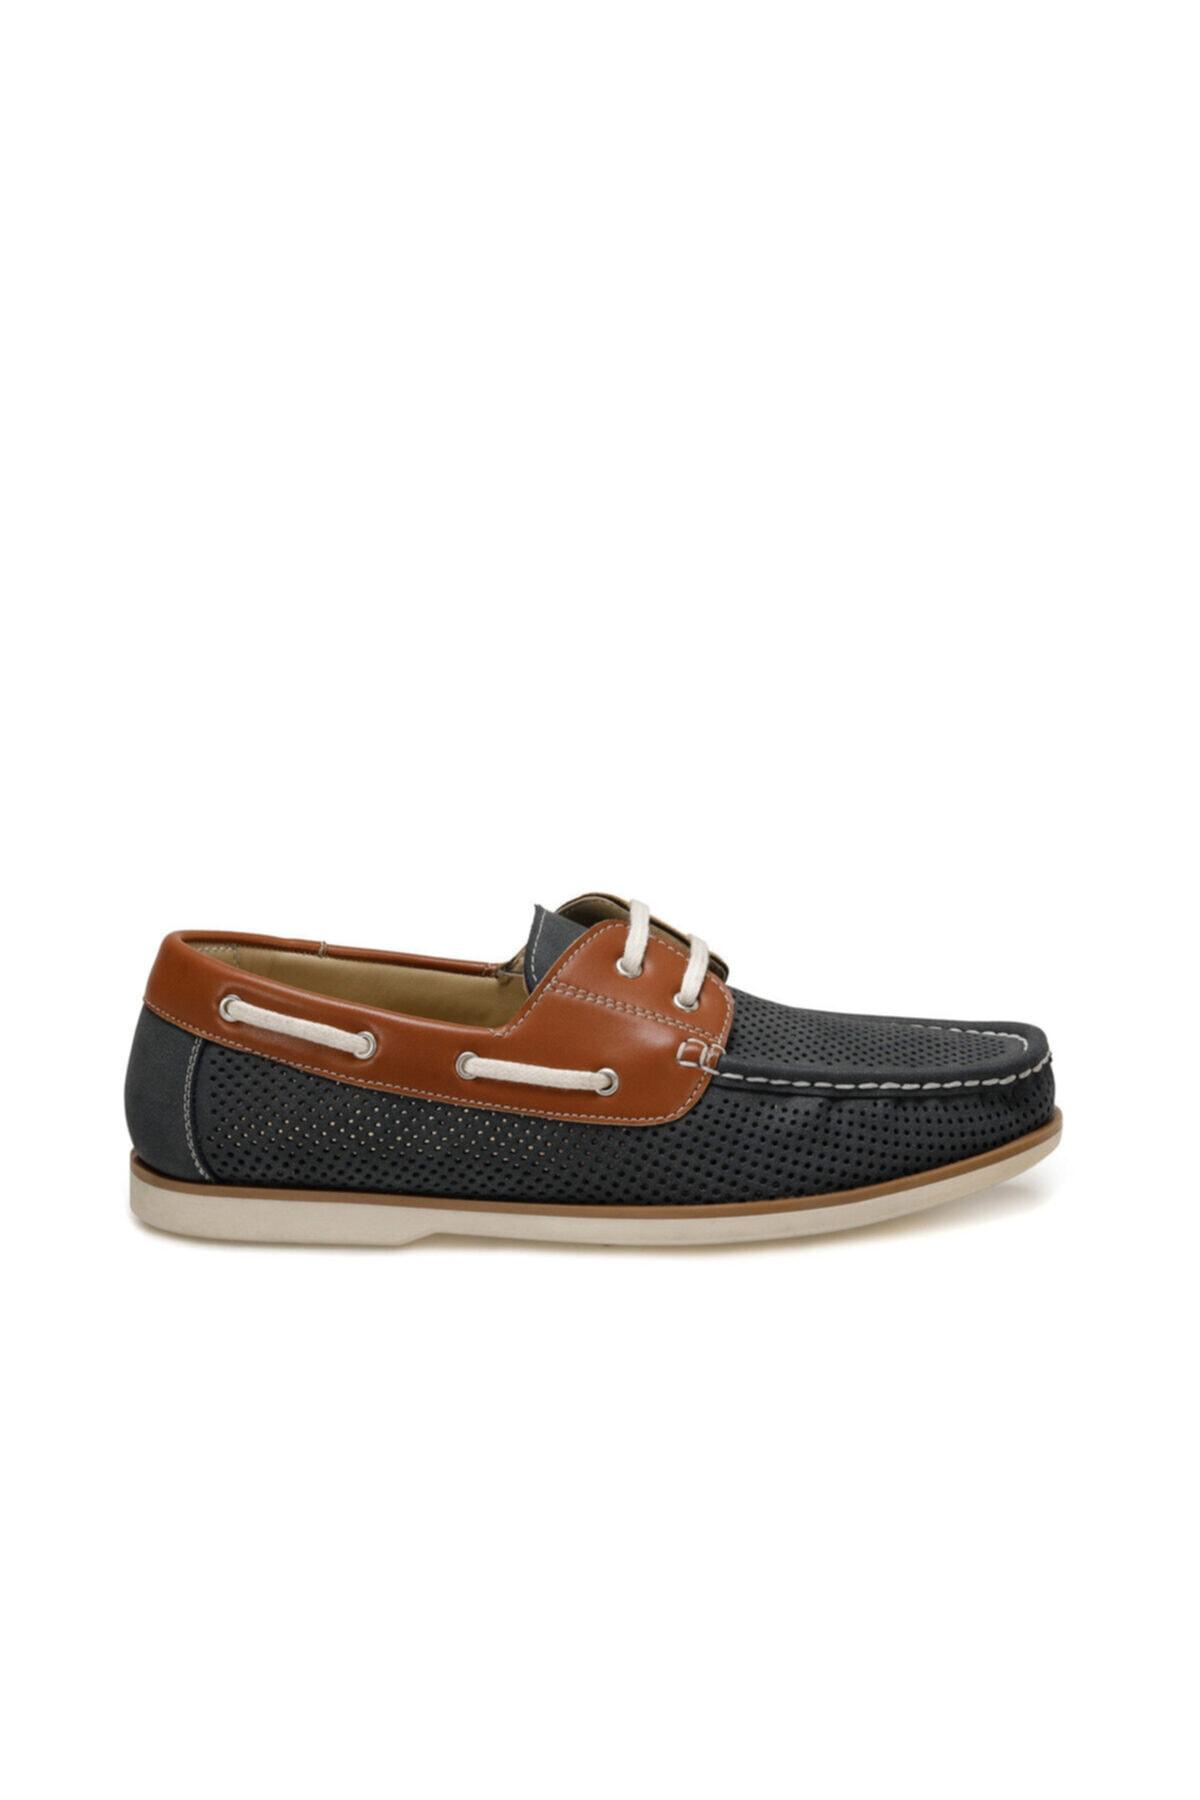 OXIDE MRB73 Lacivert Erkek Ayakkabı 100518291 2